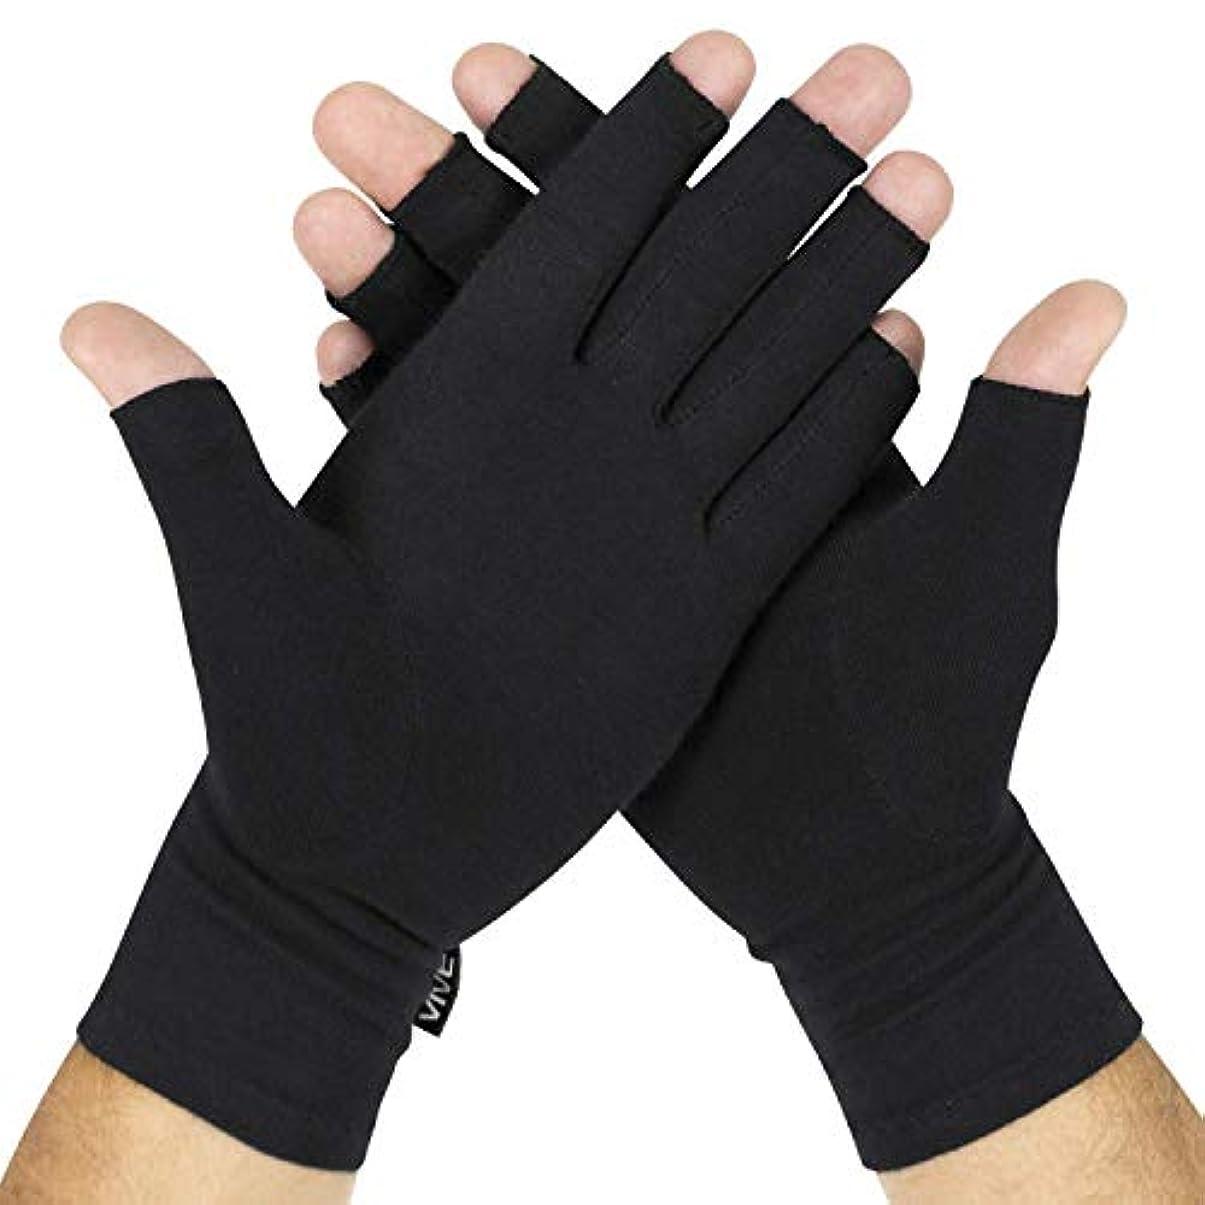 後方にハチ読者AMAZACER 関節炎の関節症状の救済(2個)、5pair、Sのための関節リウマチ手袋、手の痛みや変形性関節症のために男性と女性の指なし圧縮ラップ (Color : 10pair, Size : Large)